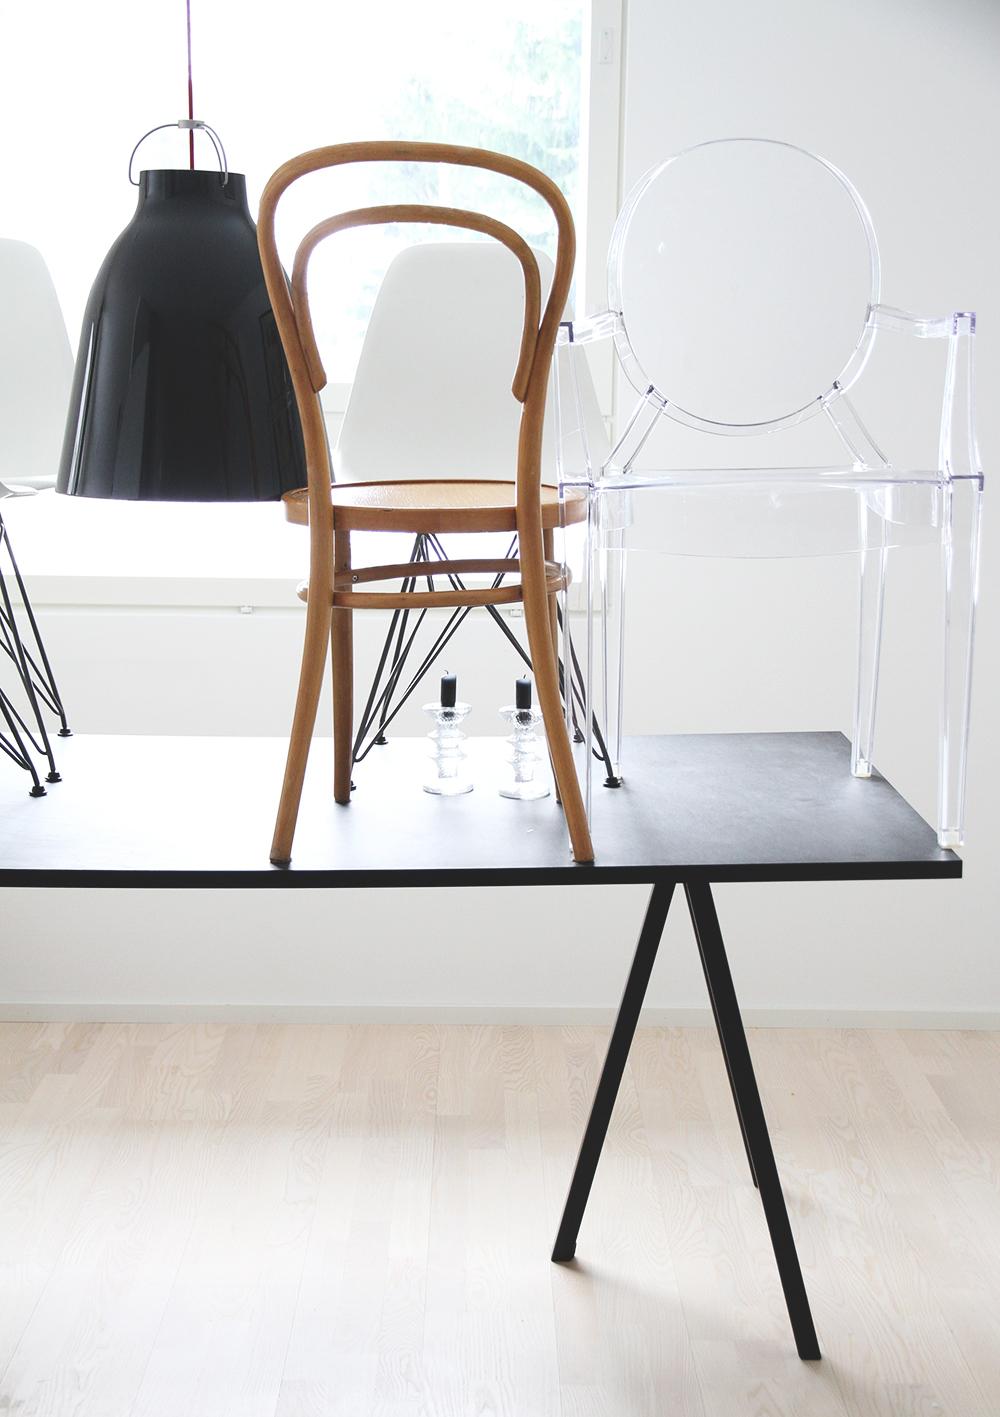 hunajaista kartell hay vitra hay caravaggio p3 design huonekalut sisustusblogi